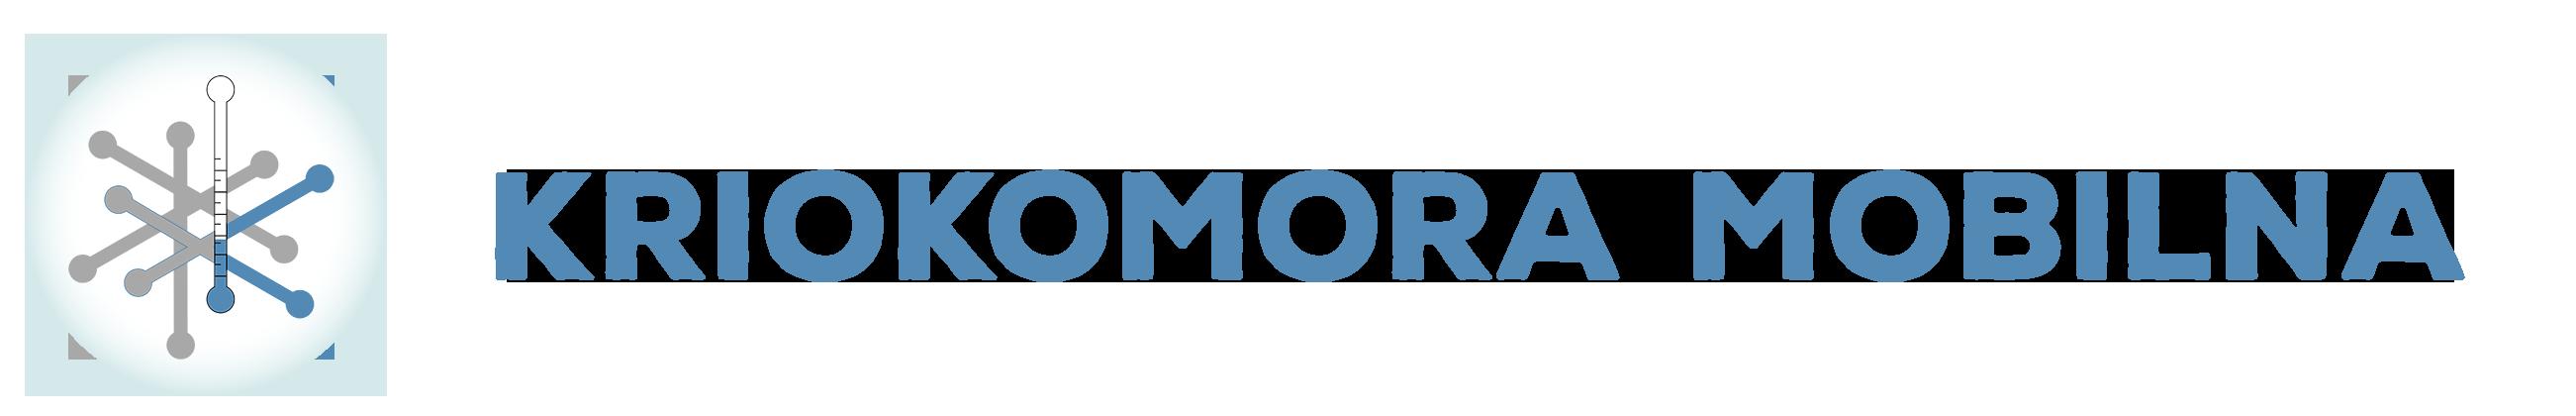 Mobilna Kriokomora